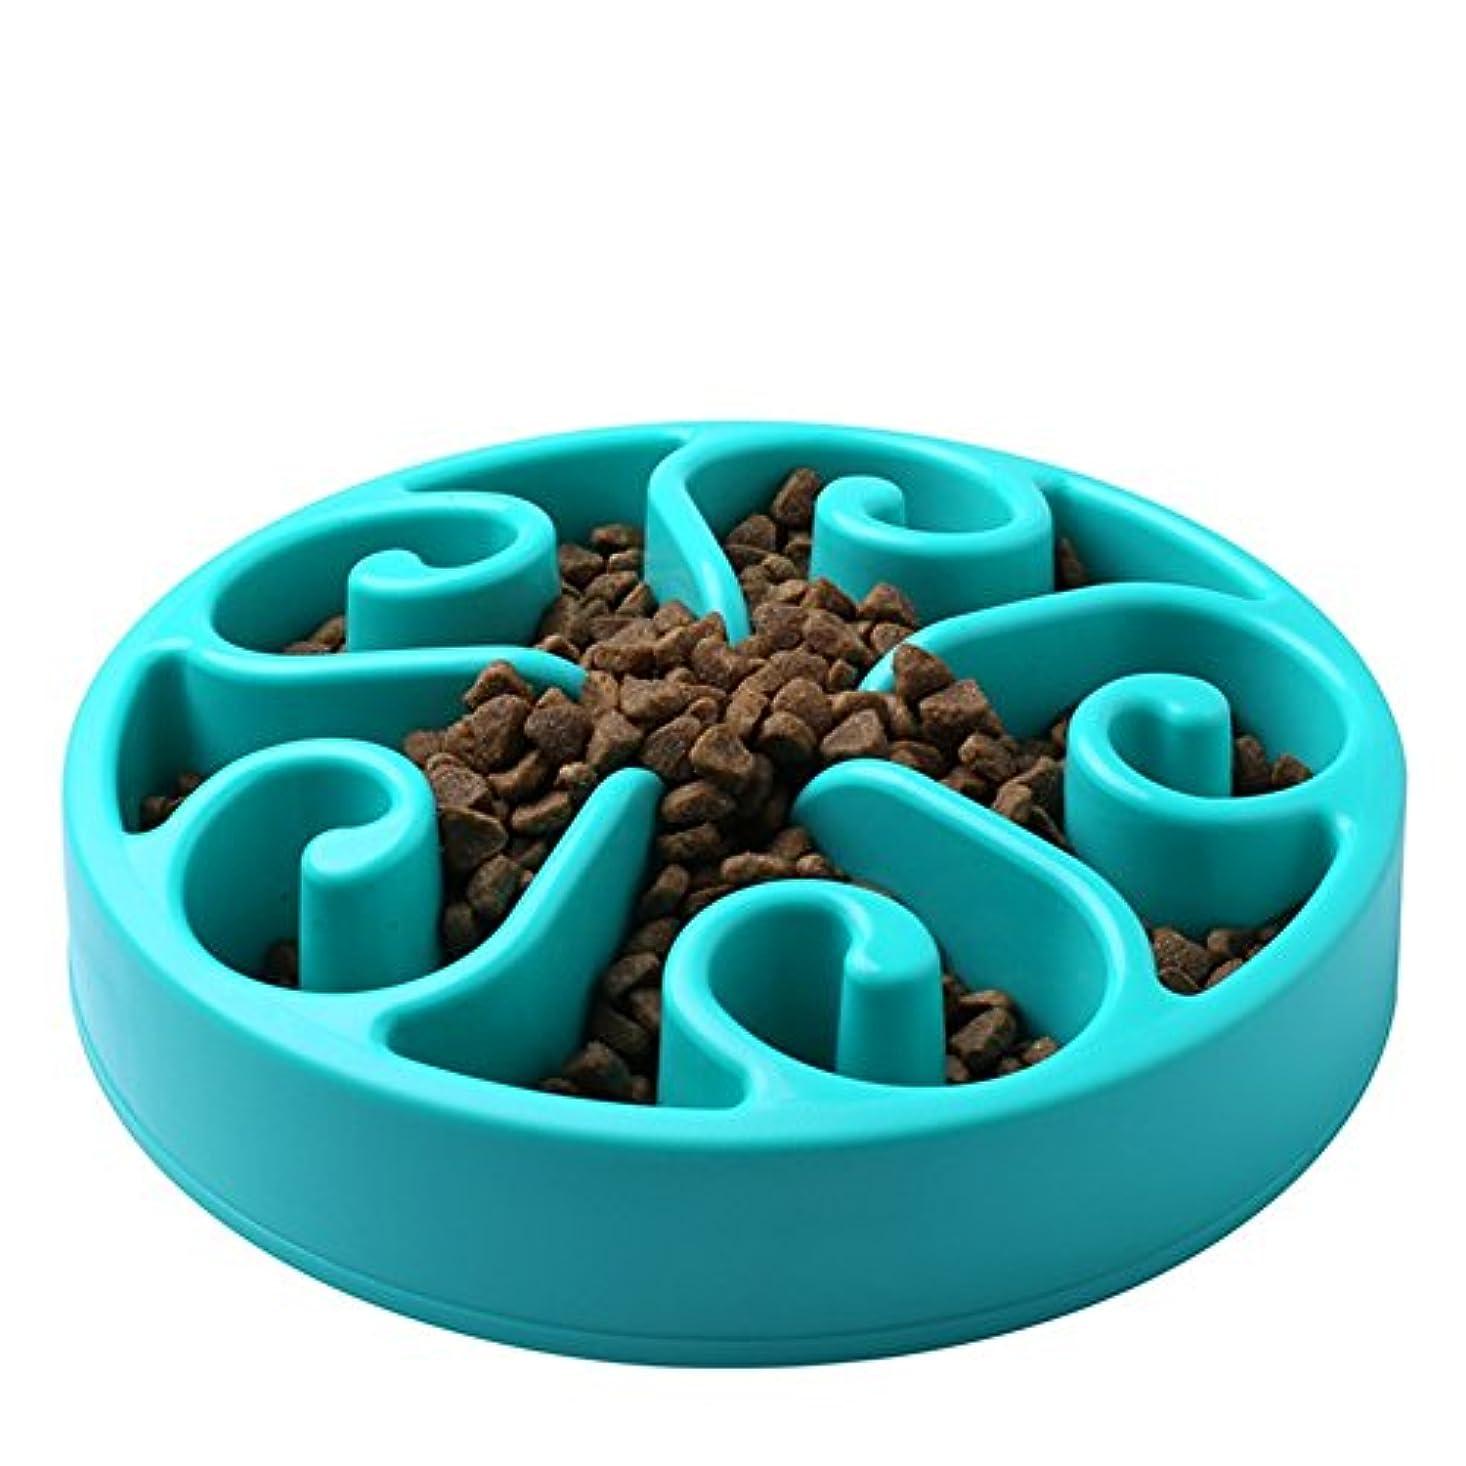 ペット食器 犬用 猫用 早食い防止食器 スローフード スローフード 餌やり 肥満解消 健康管理 (ブルー)